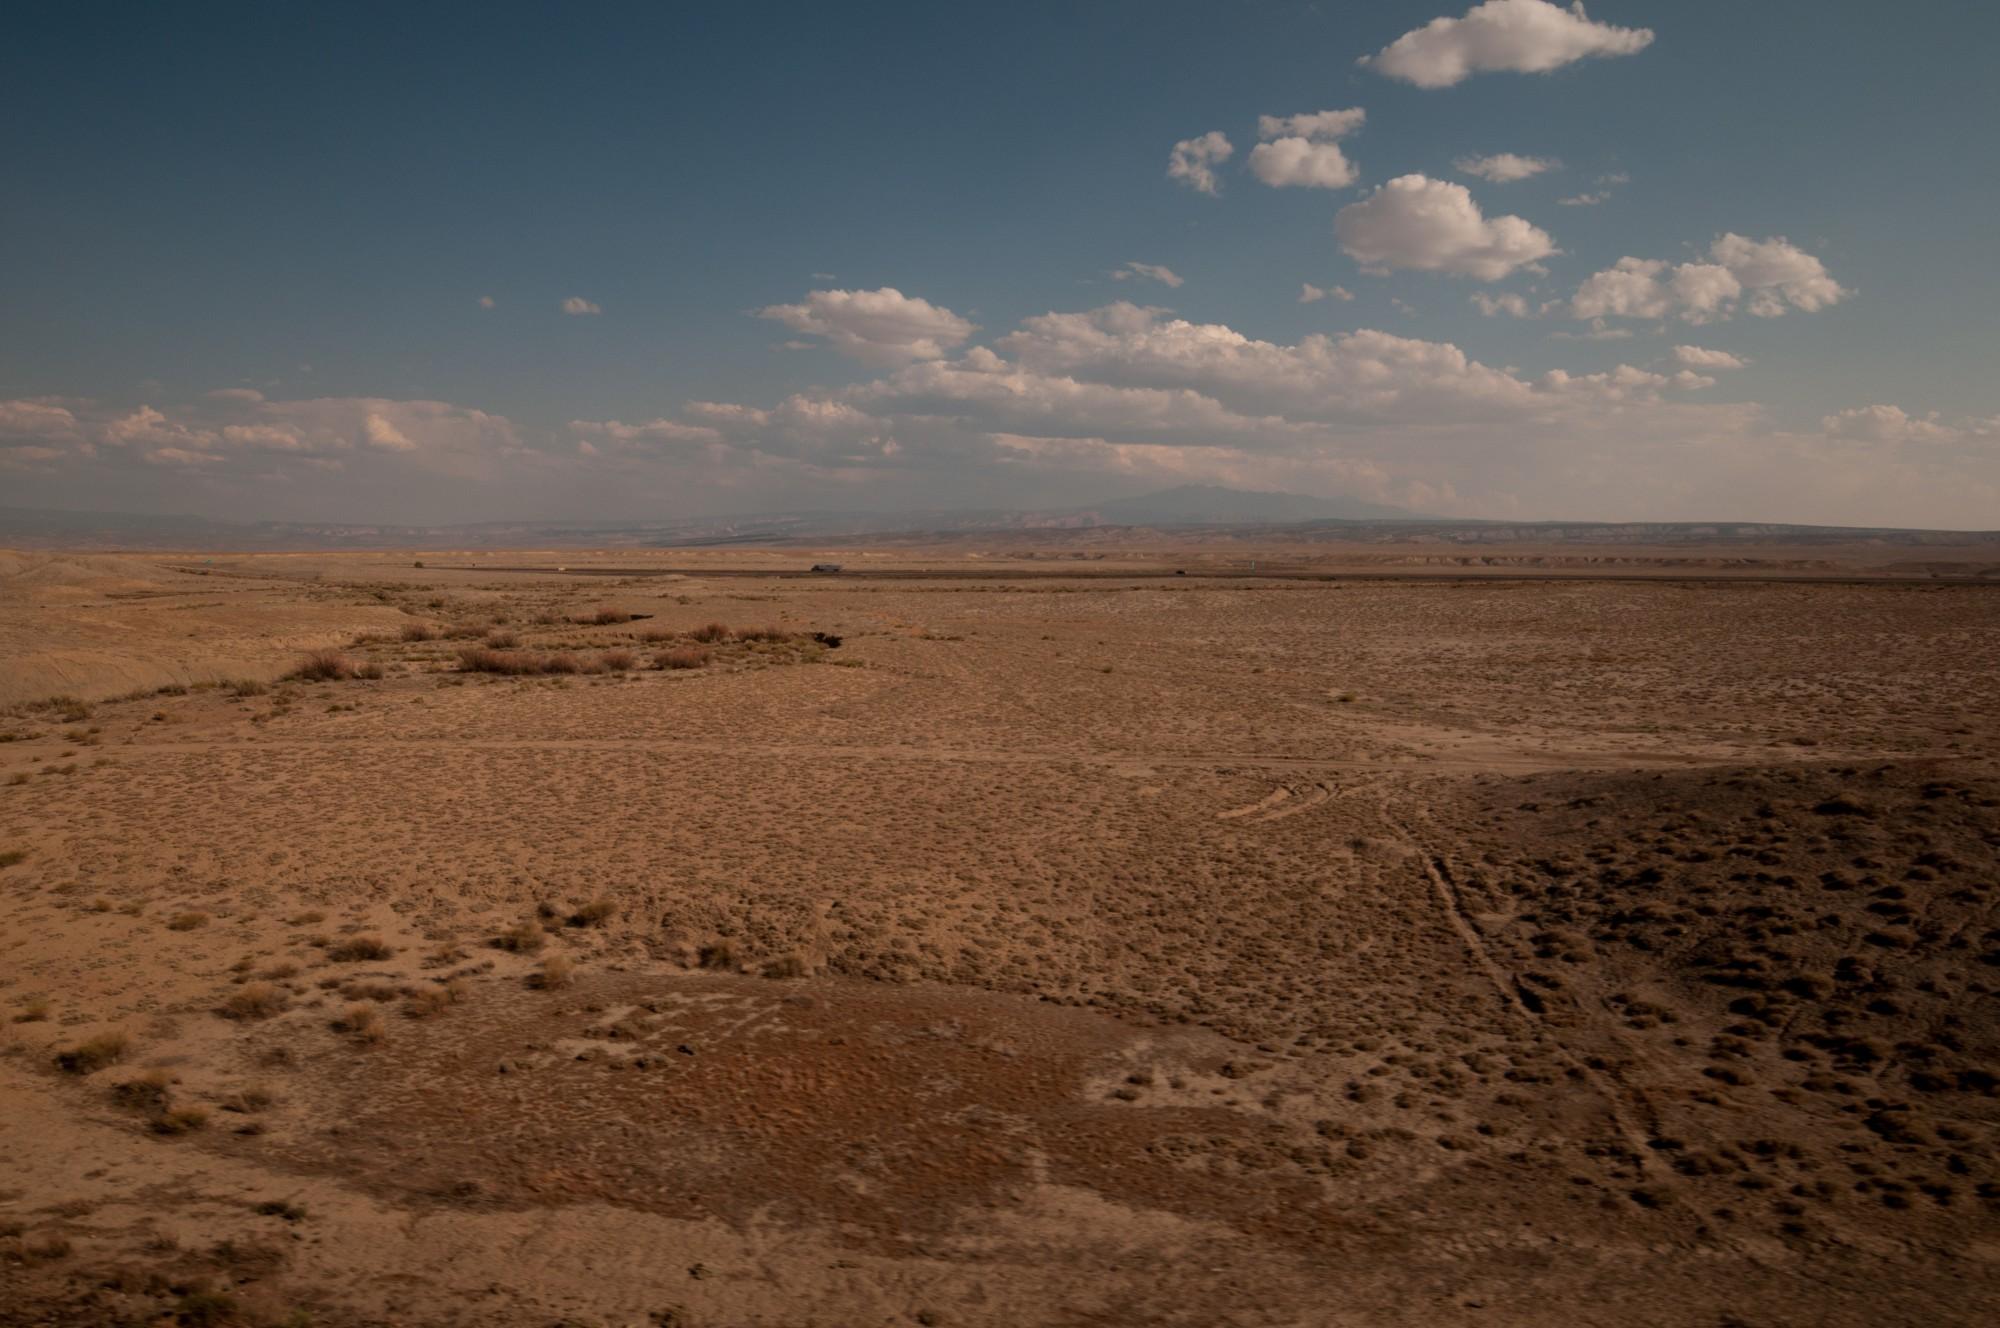 Plus de canyons, plus d'eau, le désert devient plat et extrêmement aride. Il ne me reste plus que quelques minutes de soleil pour absorber le paysage.